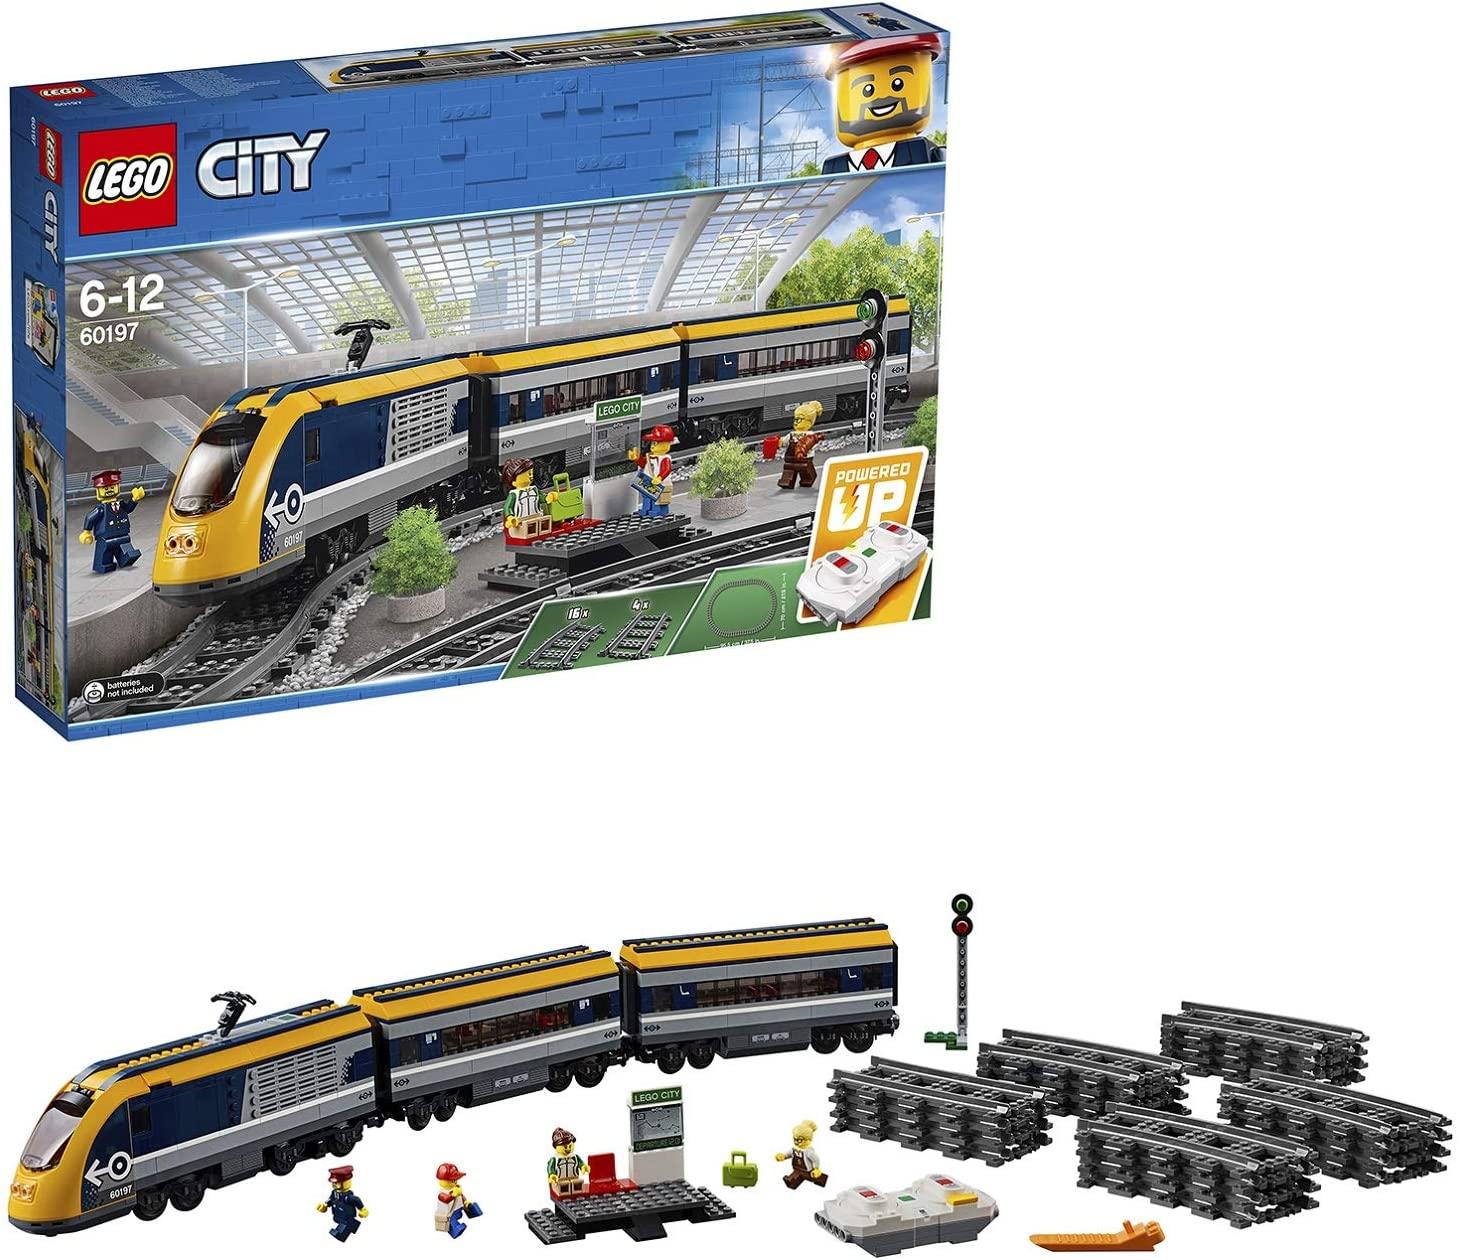 Jouet Lego City - Le train de passagers télécommandé (60197)